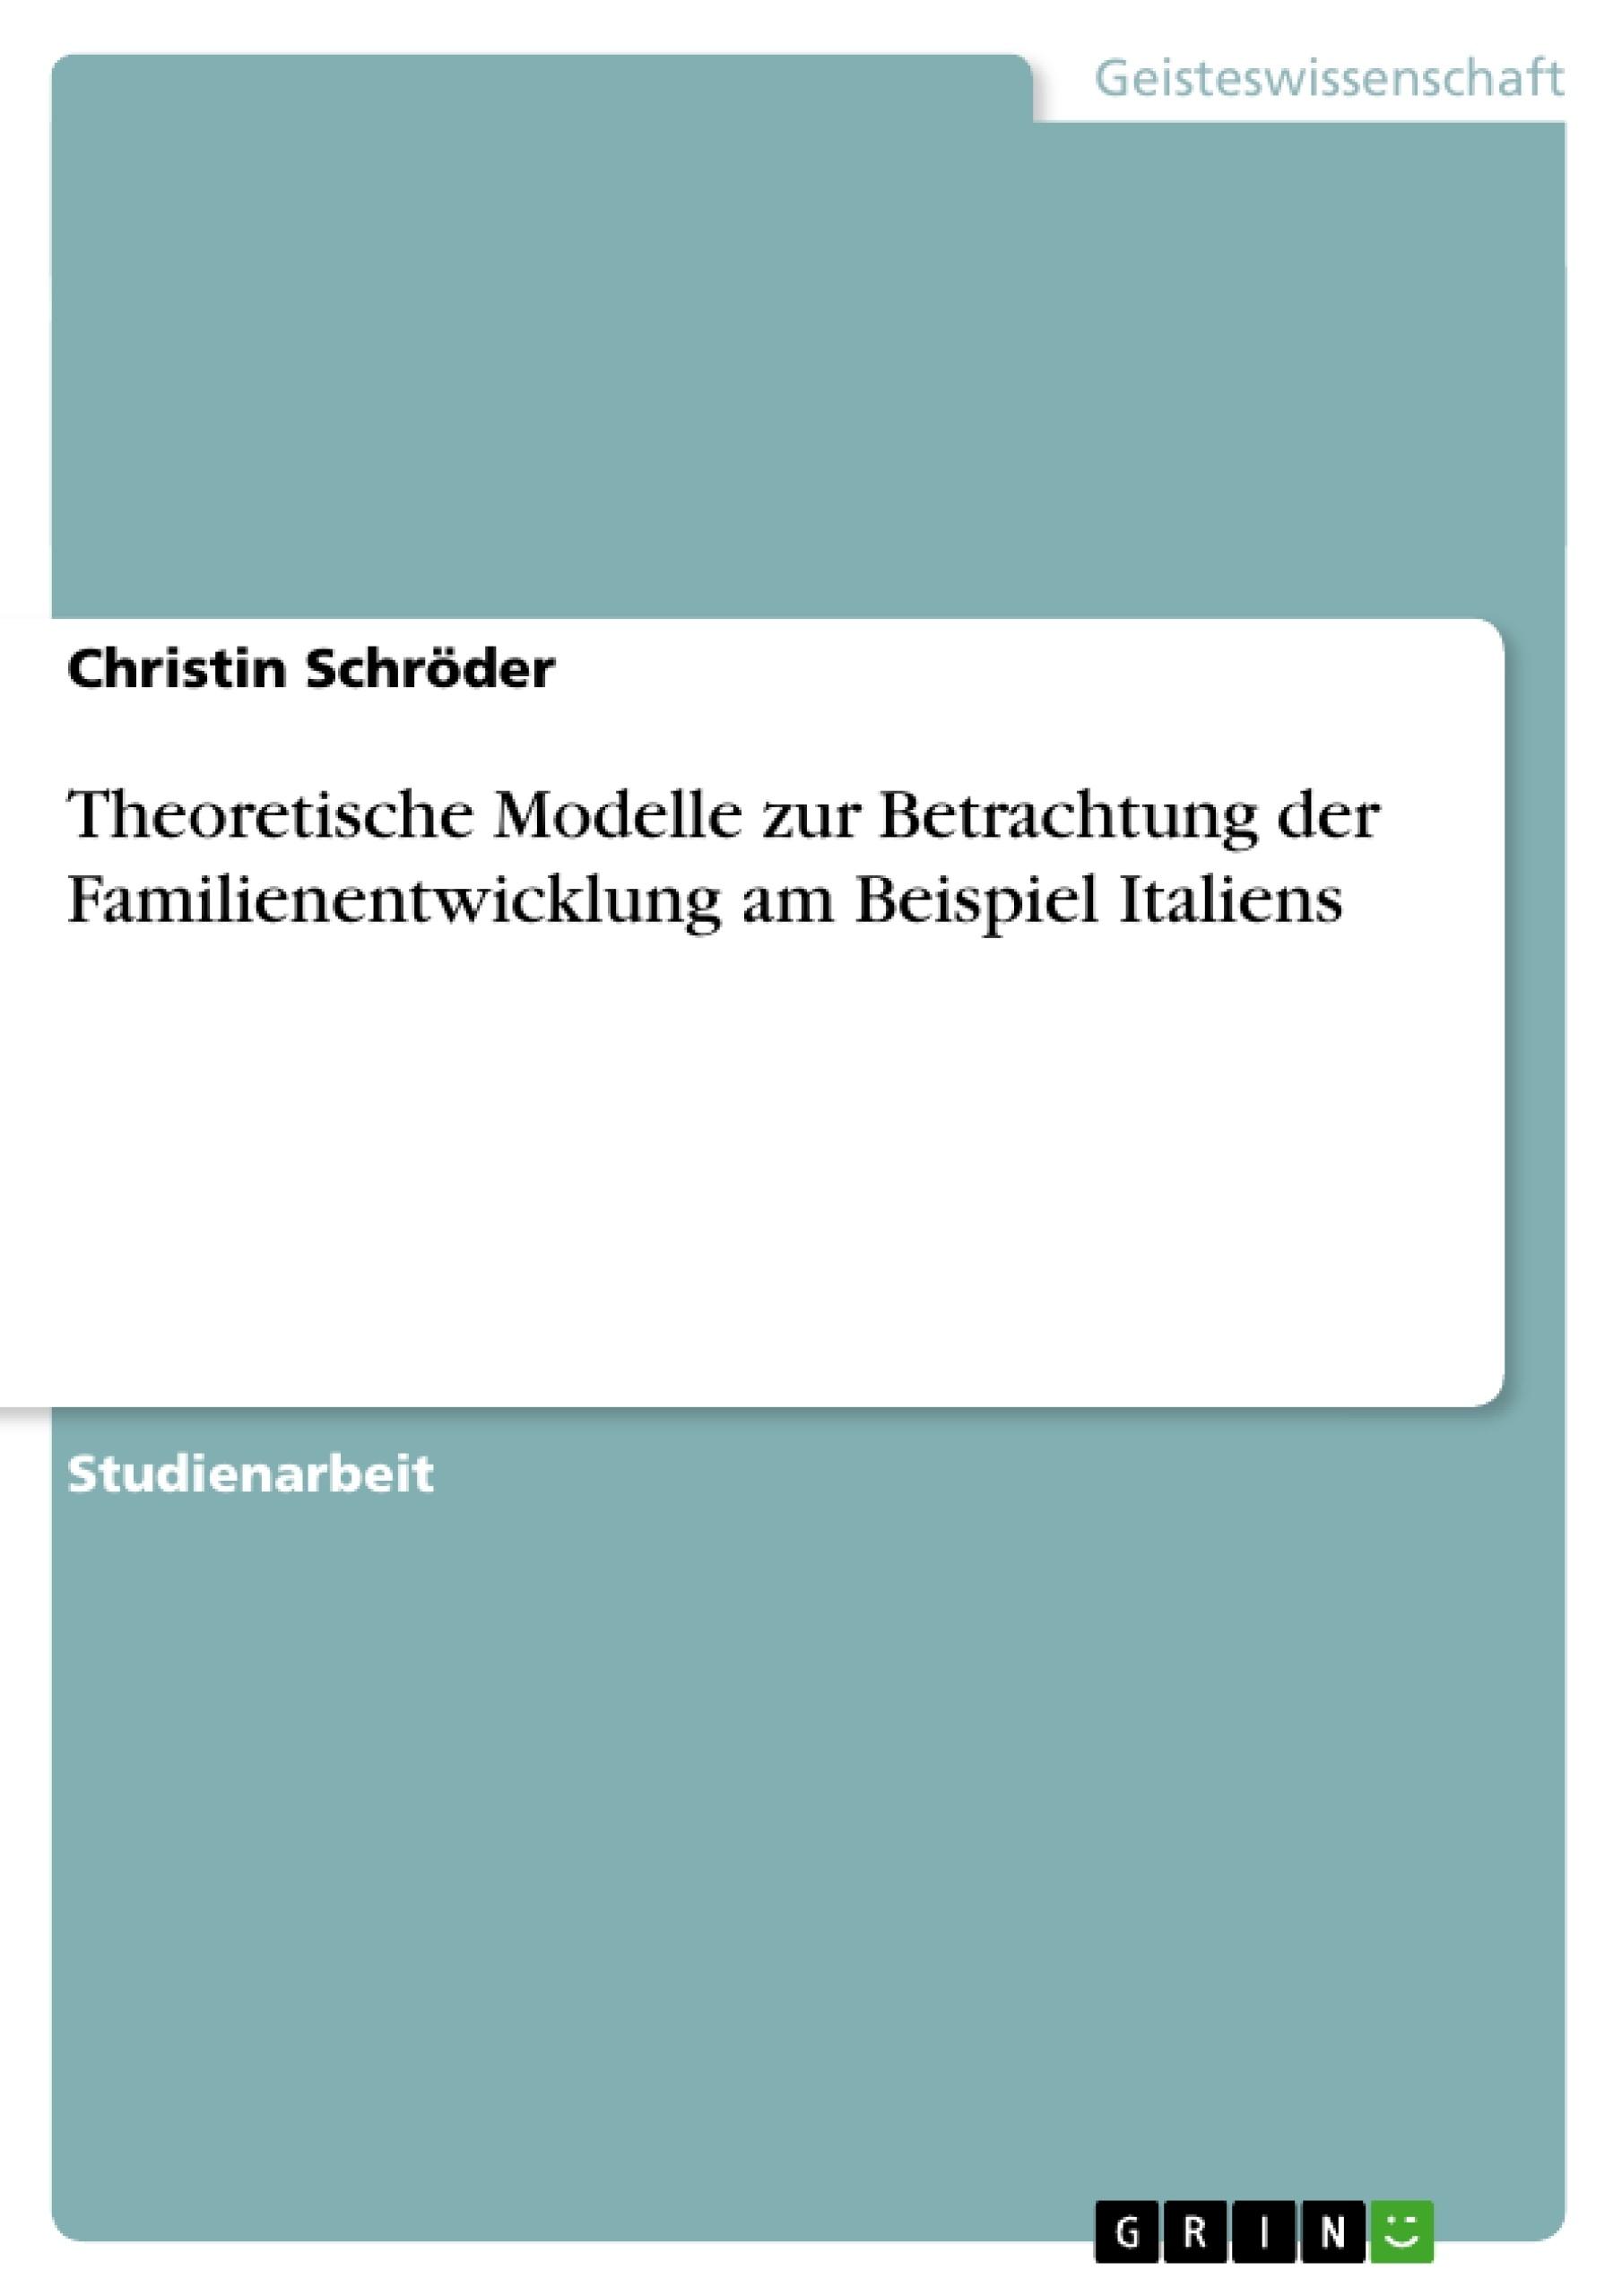 Titel: Theoretische Modelle zur Betrachtung der Familienentwicklung am Beispiel Italiens